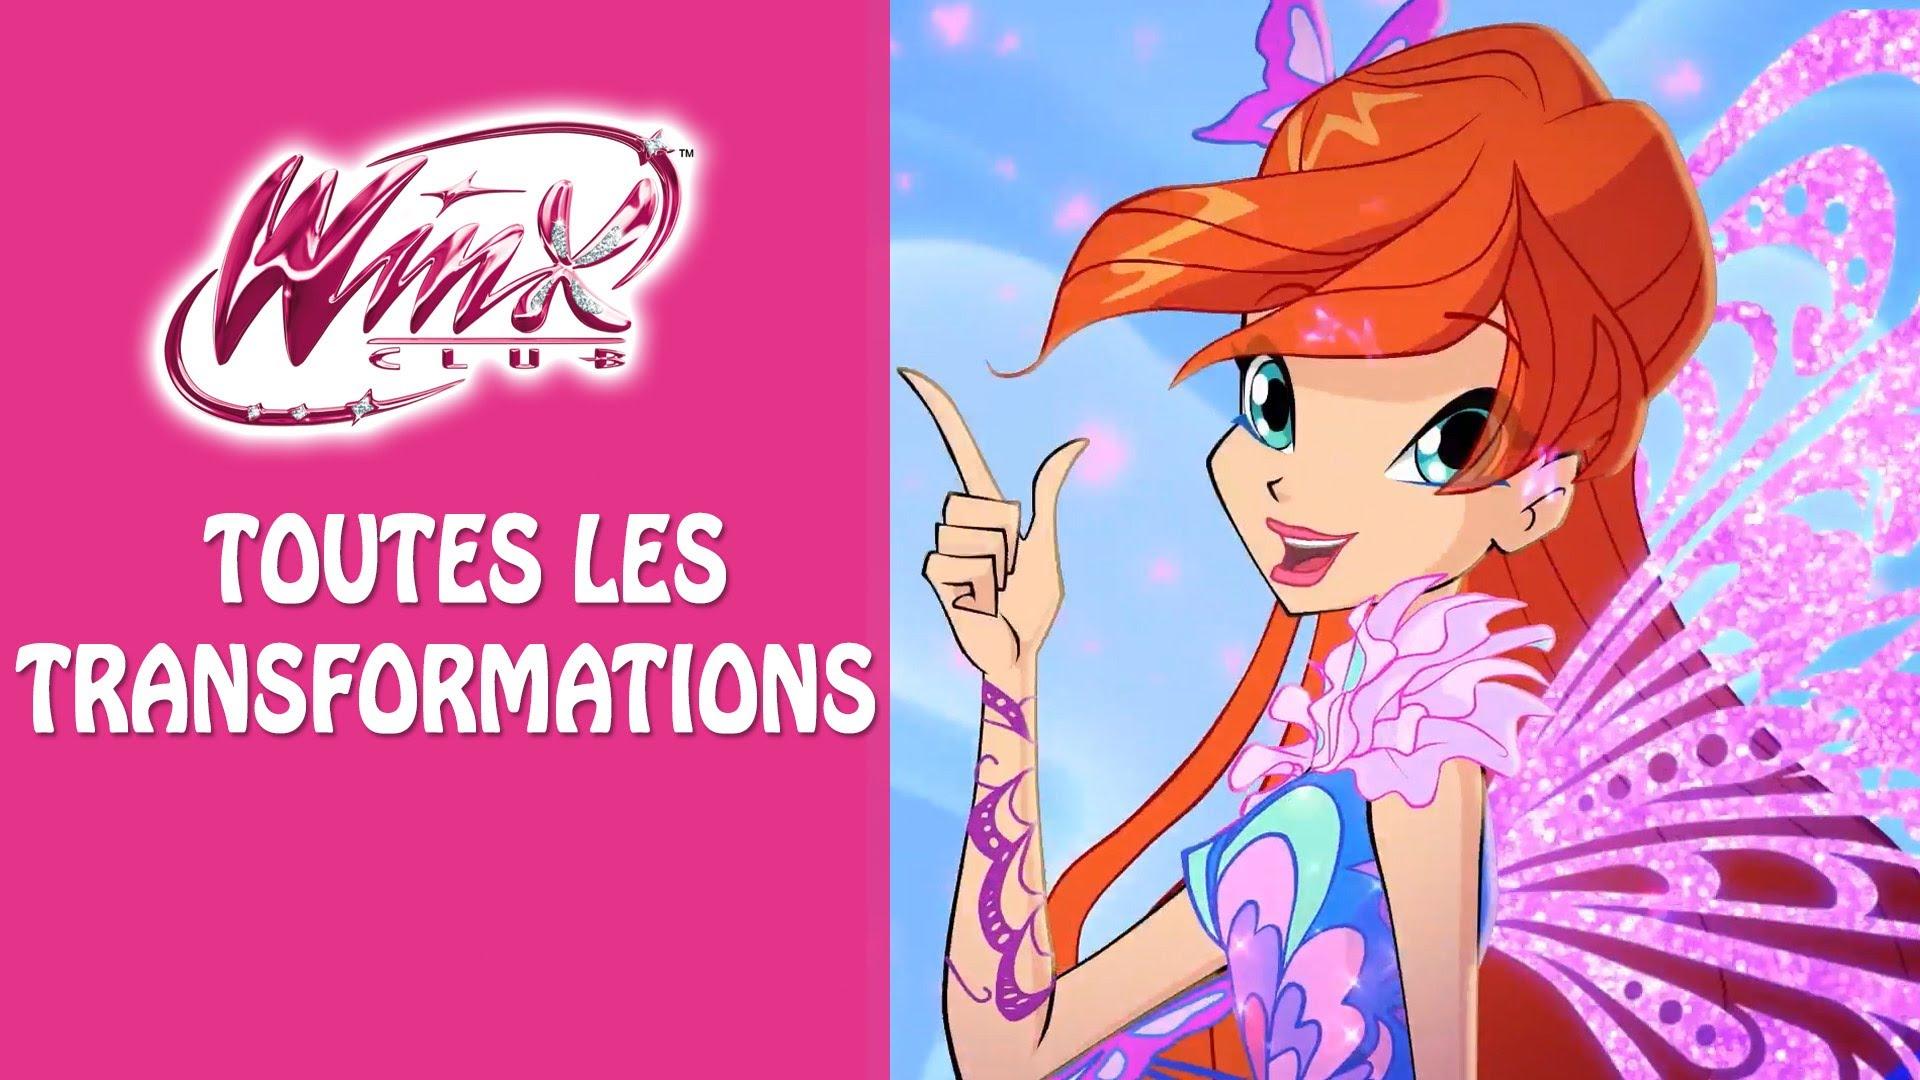 wings club francais